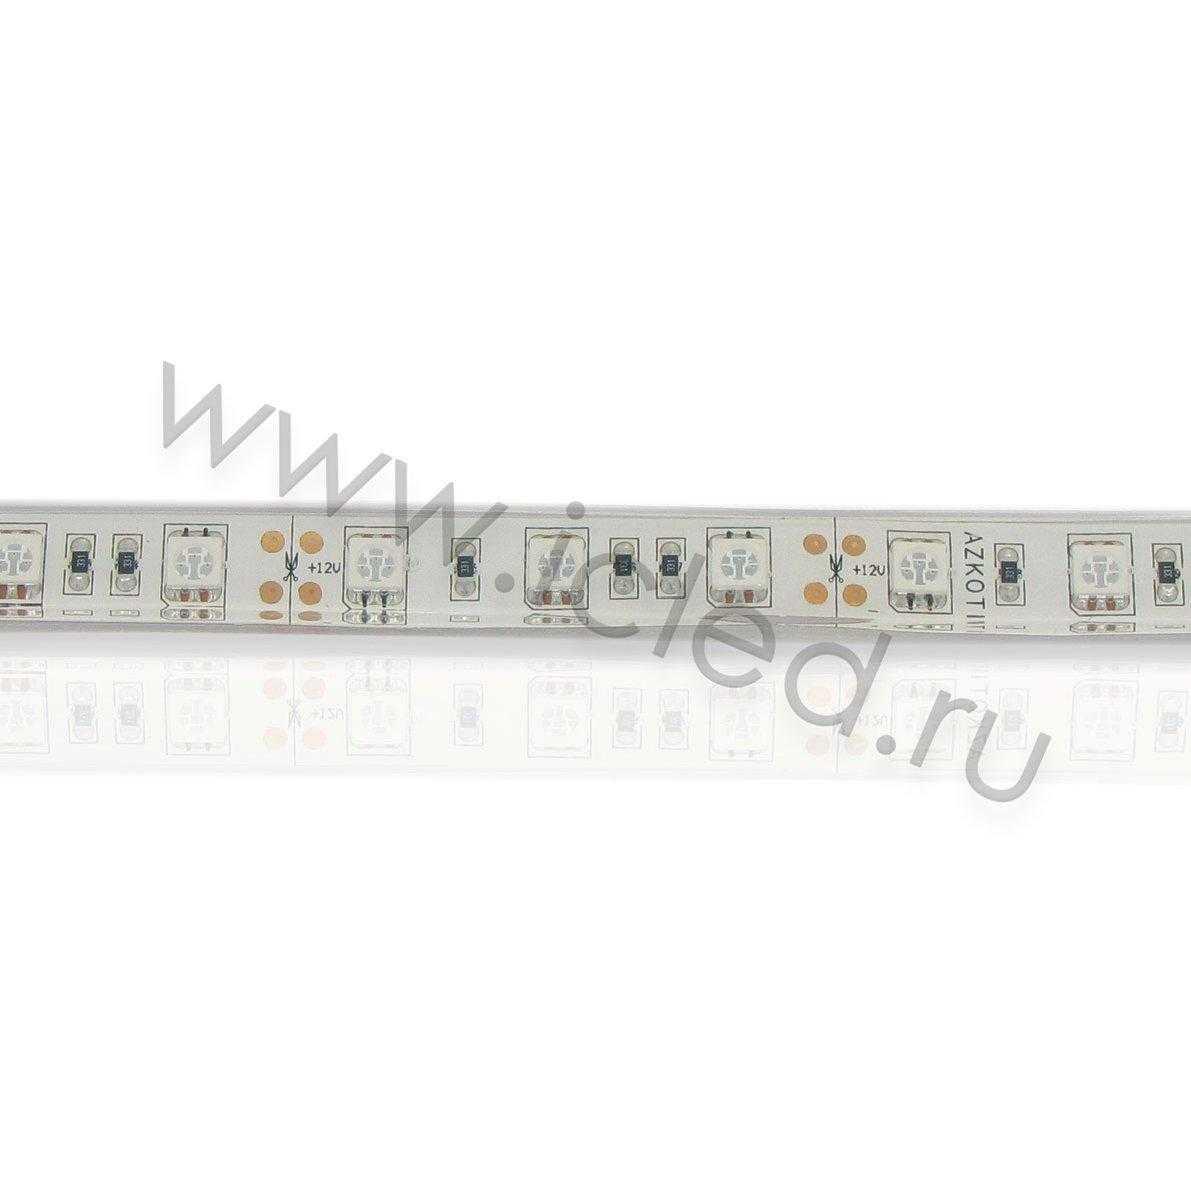 Светодиодная лента Class B, 5050, 60led/m, Yellow, 12V, IP68